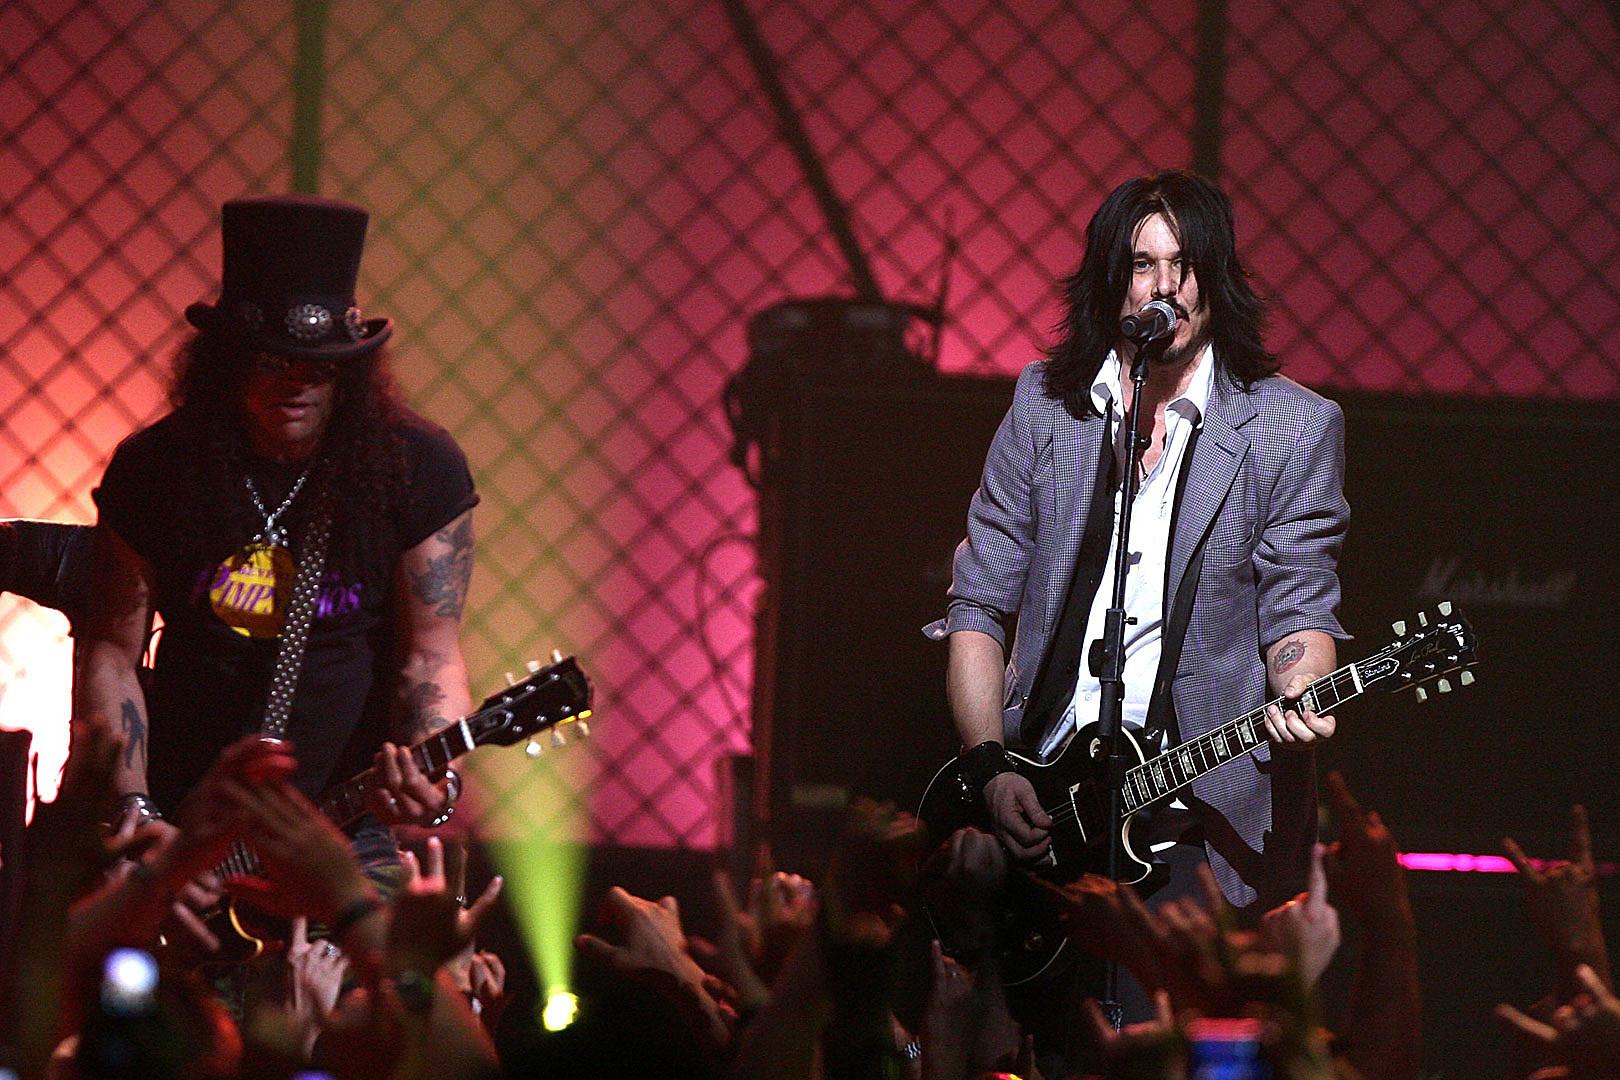 Gilby Clarke: Slash Once Got Mocked During '90s Grunge Shift